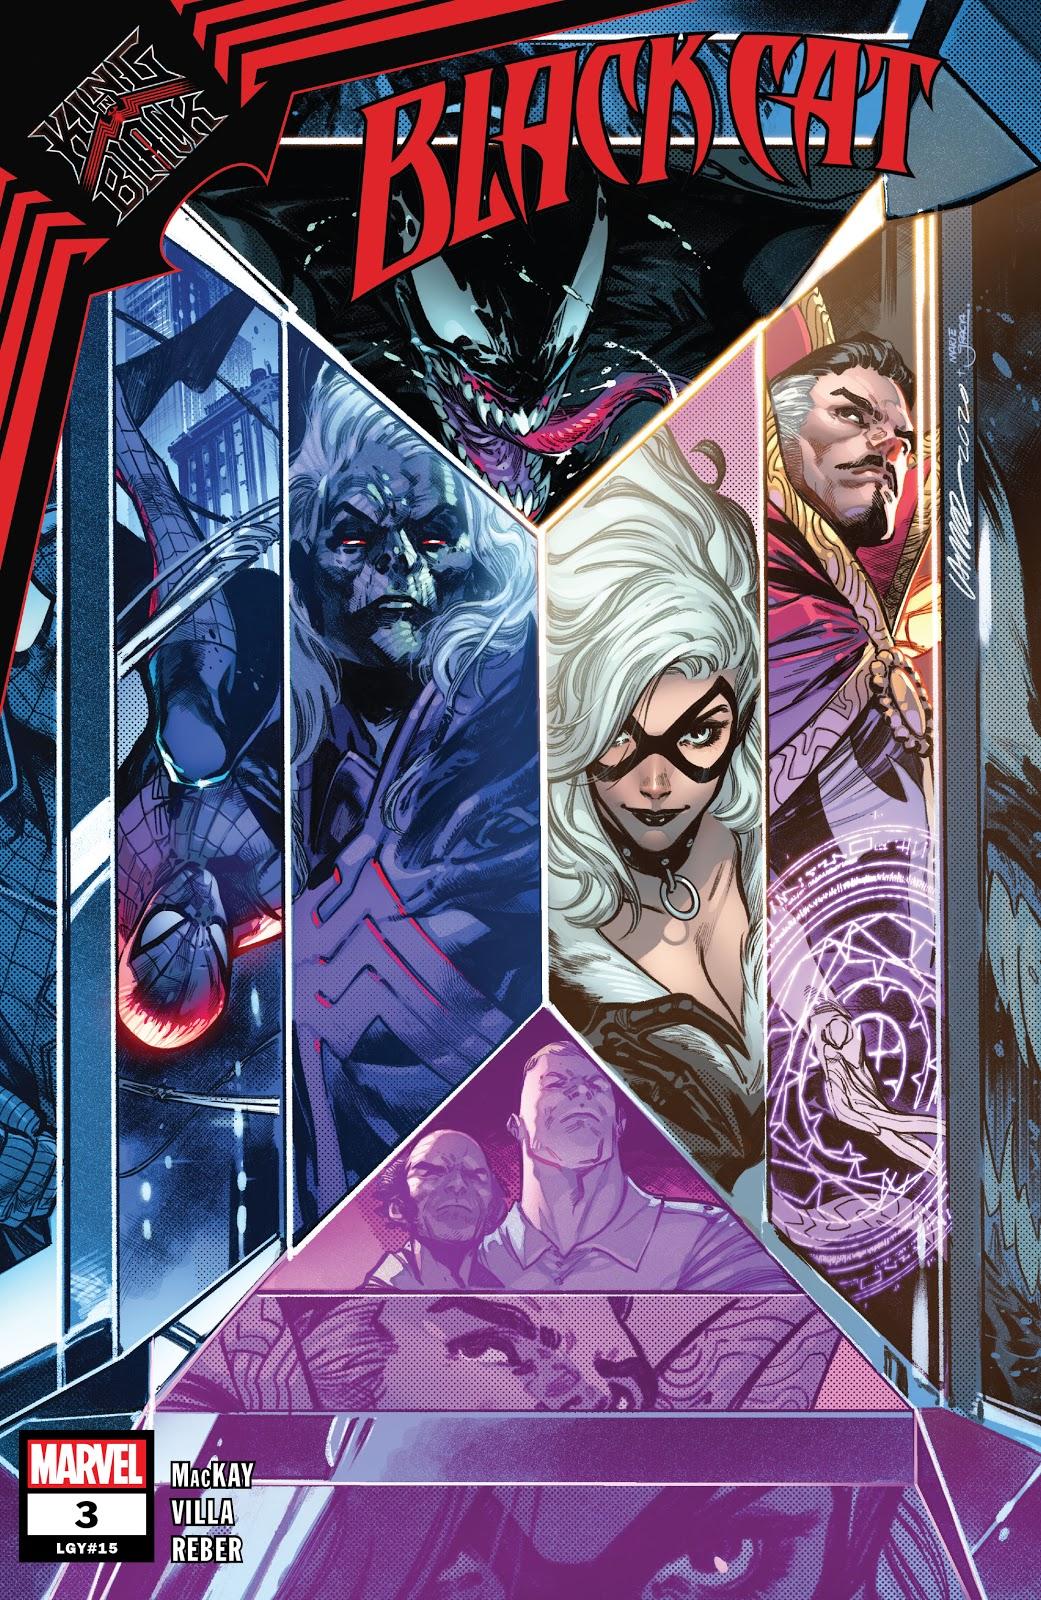 The Queen in Black is Back! Black Cat #3 Comic BookRecap